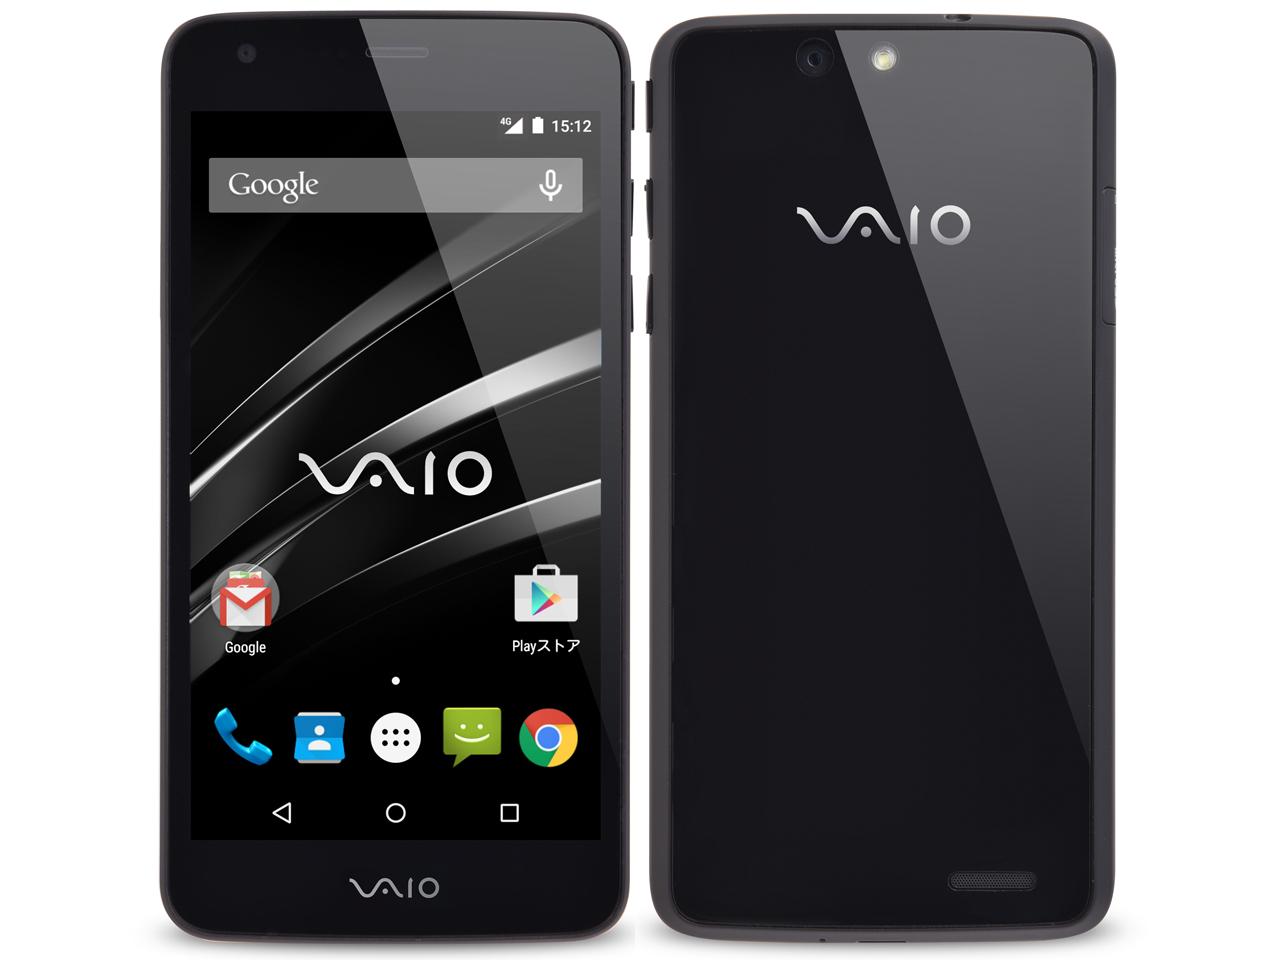 [新品 未使用品] SIMフリー VAIO Phone VA-10J ブラック 標準セット 【白ロム】